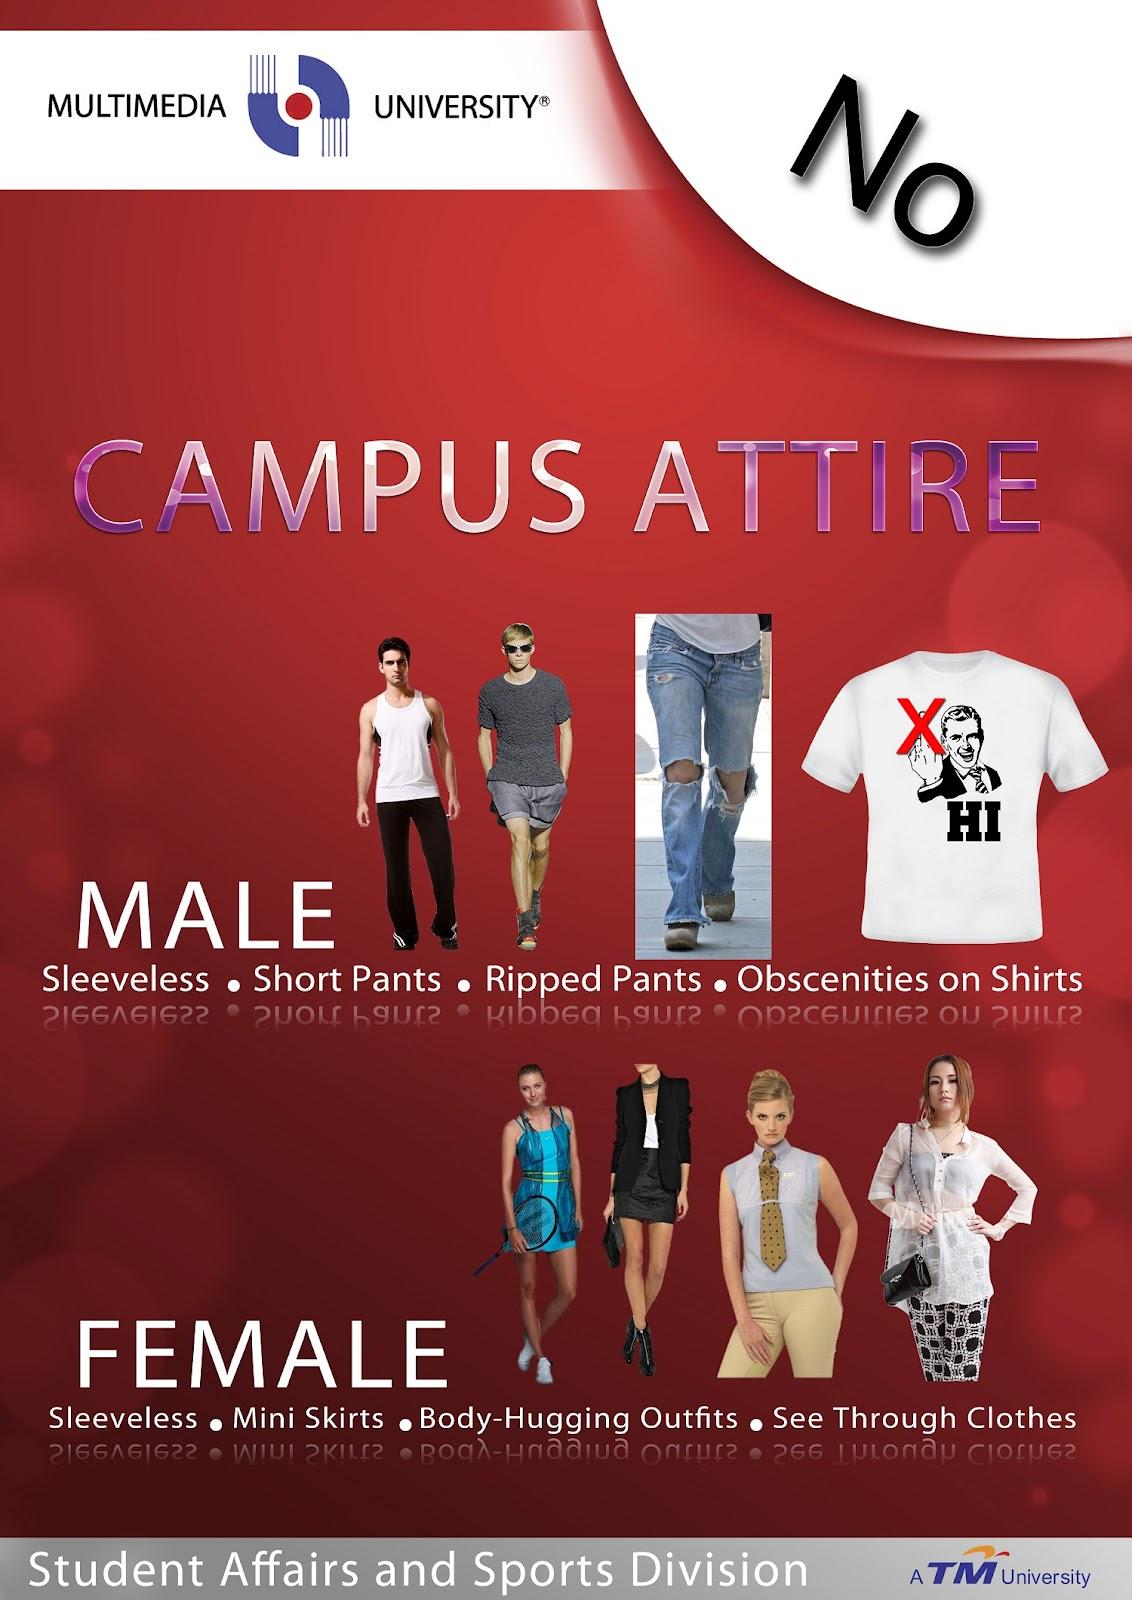 Hasil carian imej untuk Multimedia University Dress Code